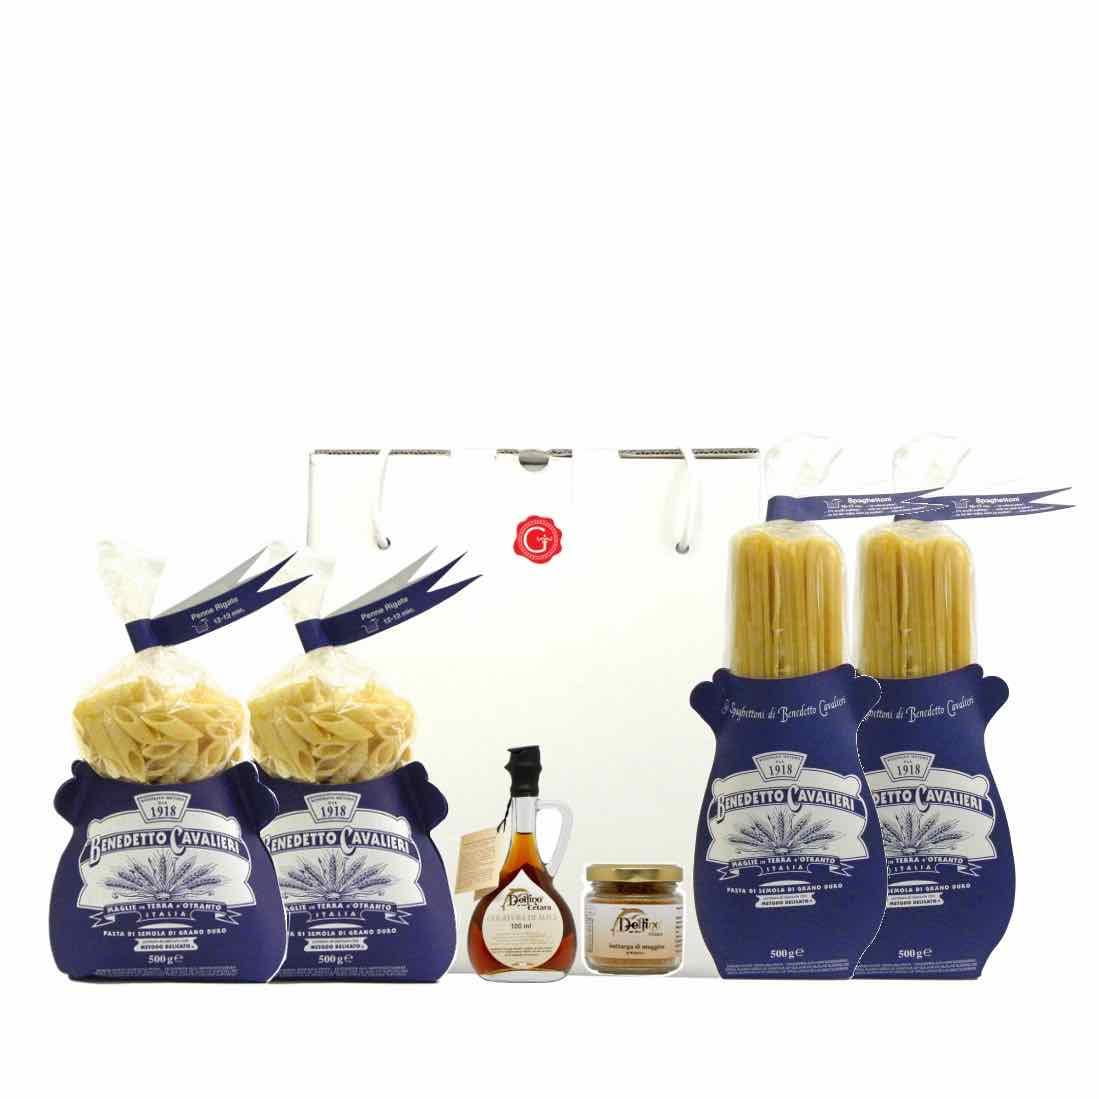 confezione regalo Sapori di mare 2 –  Gustorotondo – spesa online –  Gustorotondo online shop – i migliori cibi online – vendita online dei migliori cibi italiani artigianali